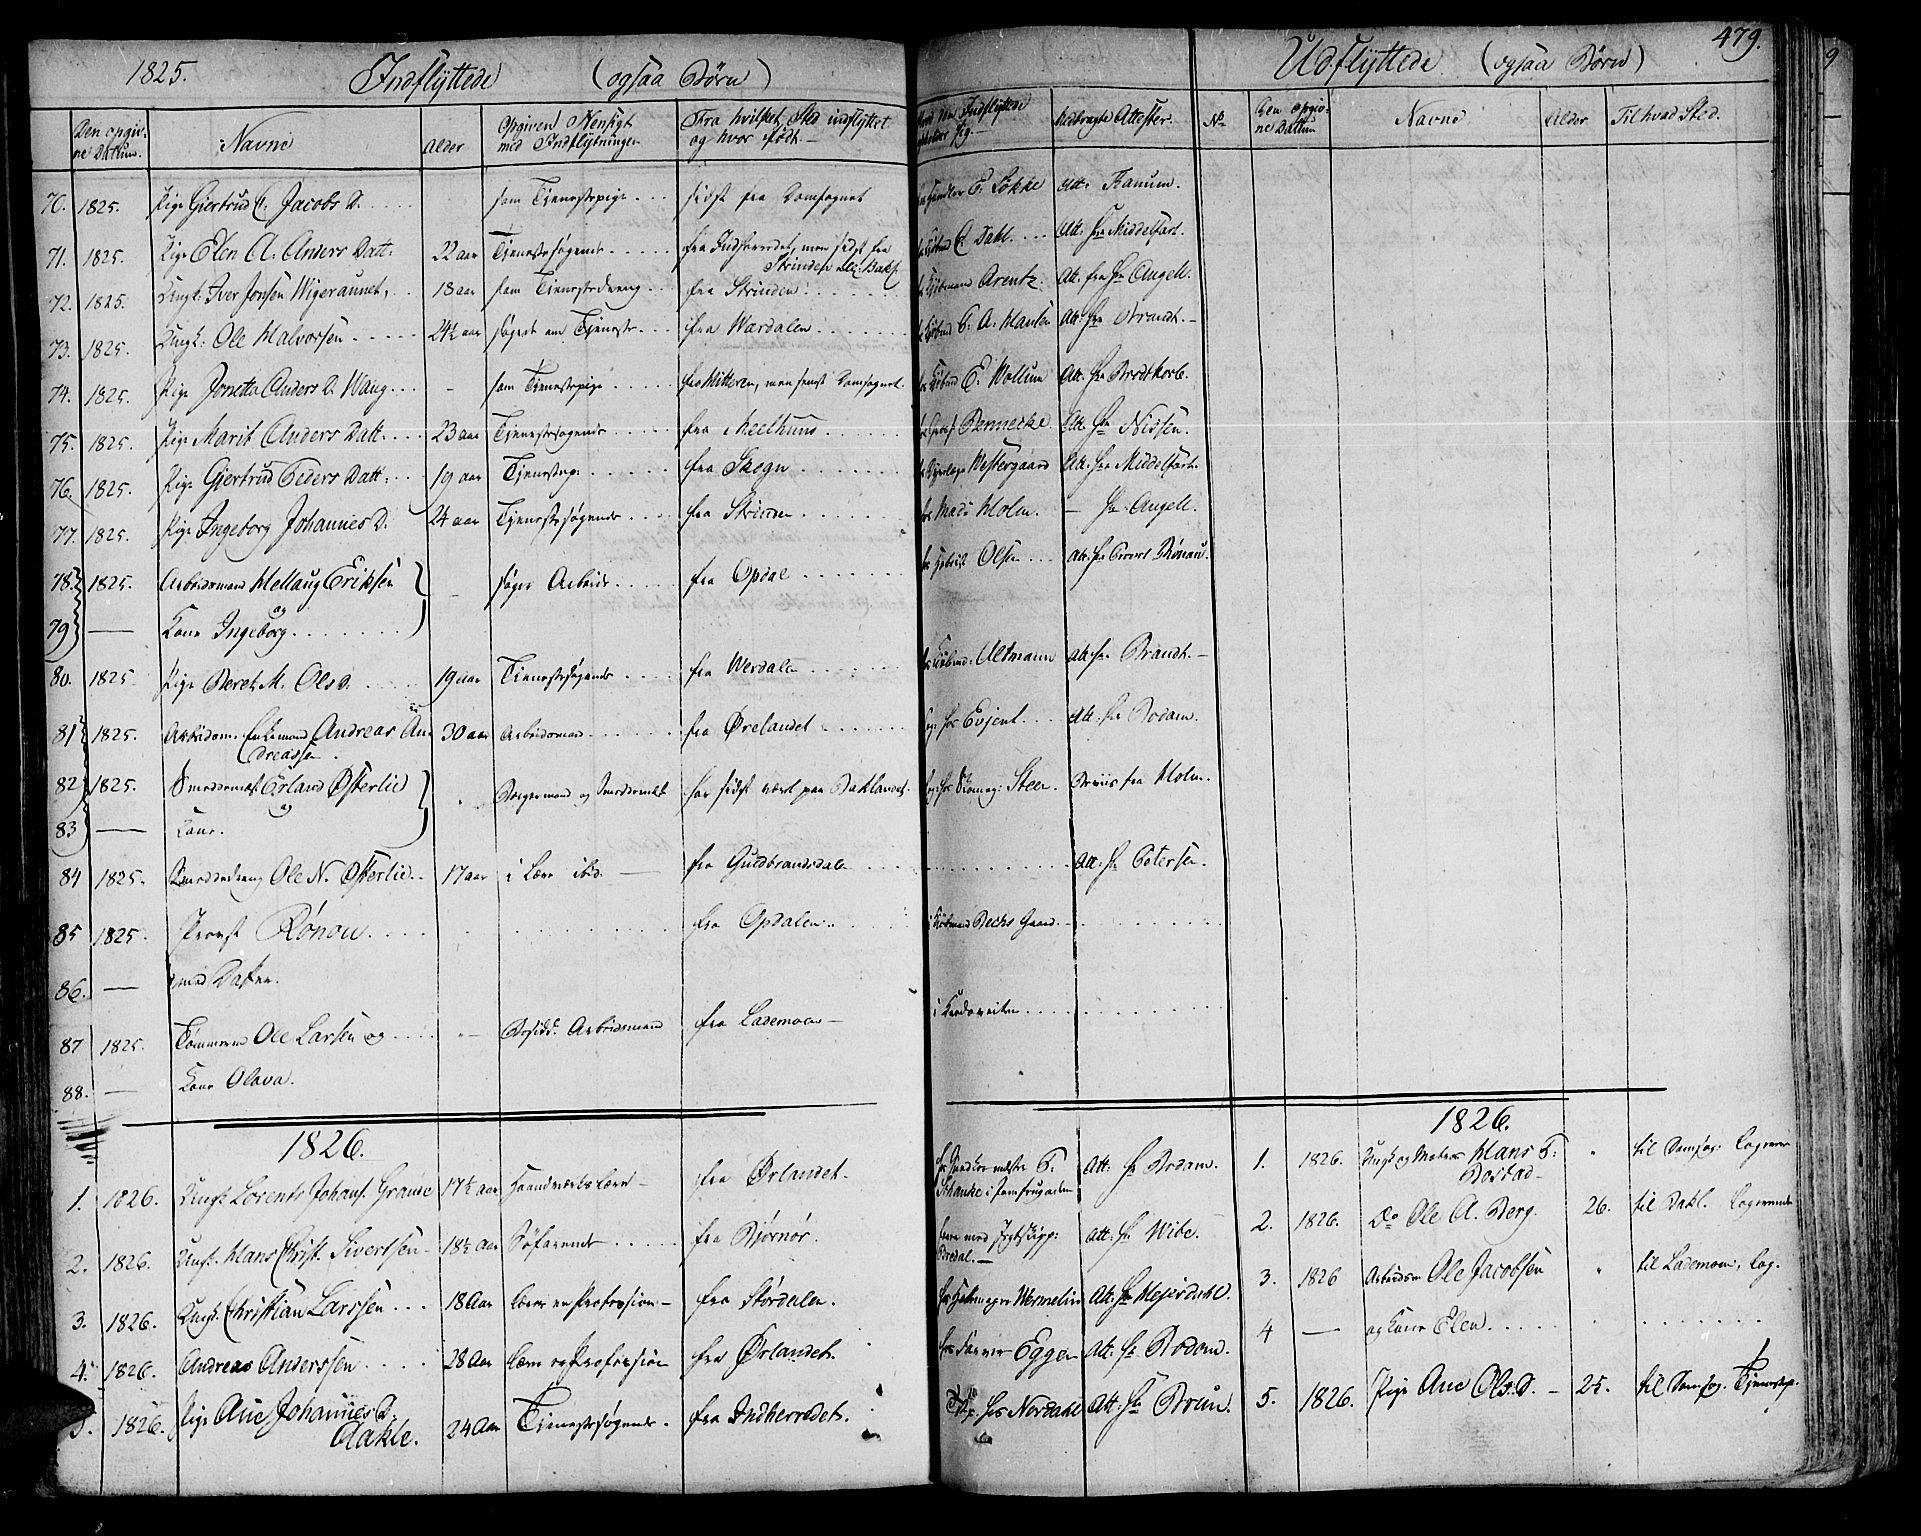 SAT, Ministerialprotokoller, klokkerbøker og fødselsregistre - Sør-Trøndelag, 602/L0109: Ministerialbok nr. 602A07, 1821-1840, s. 479